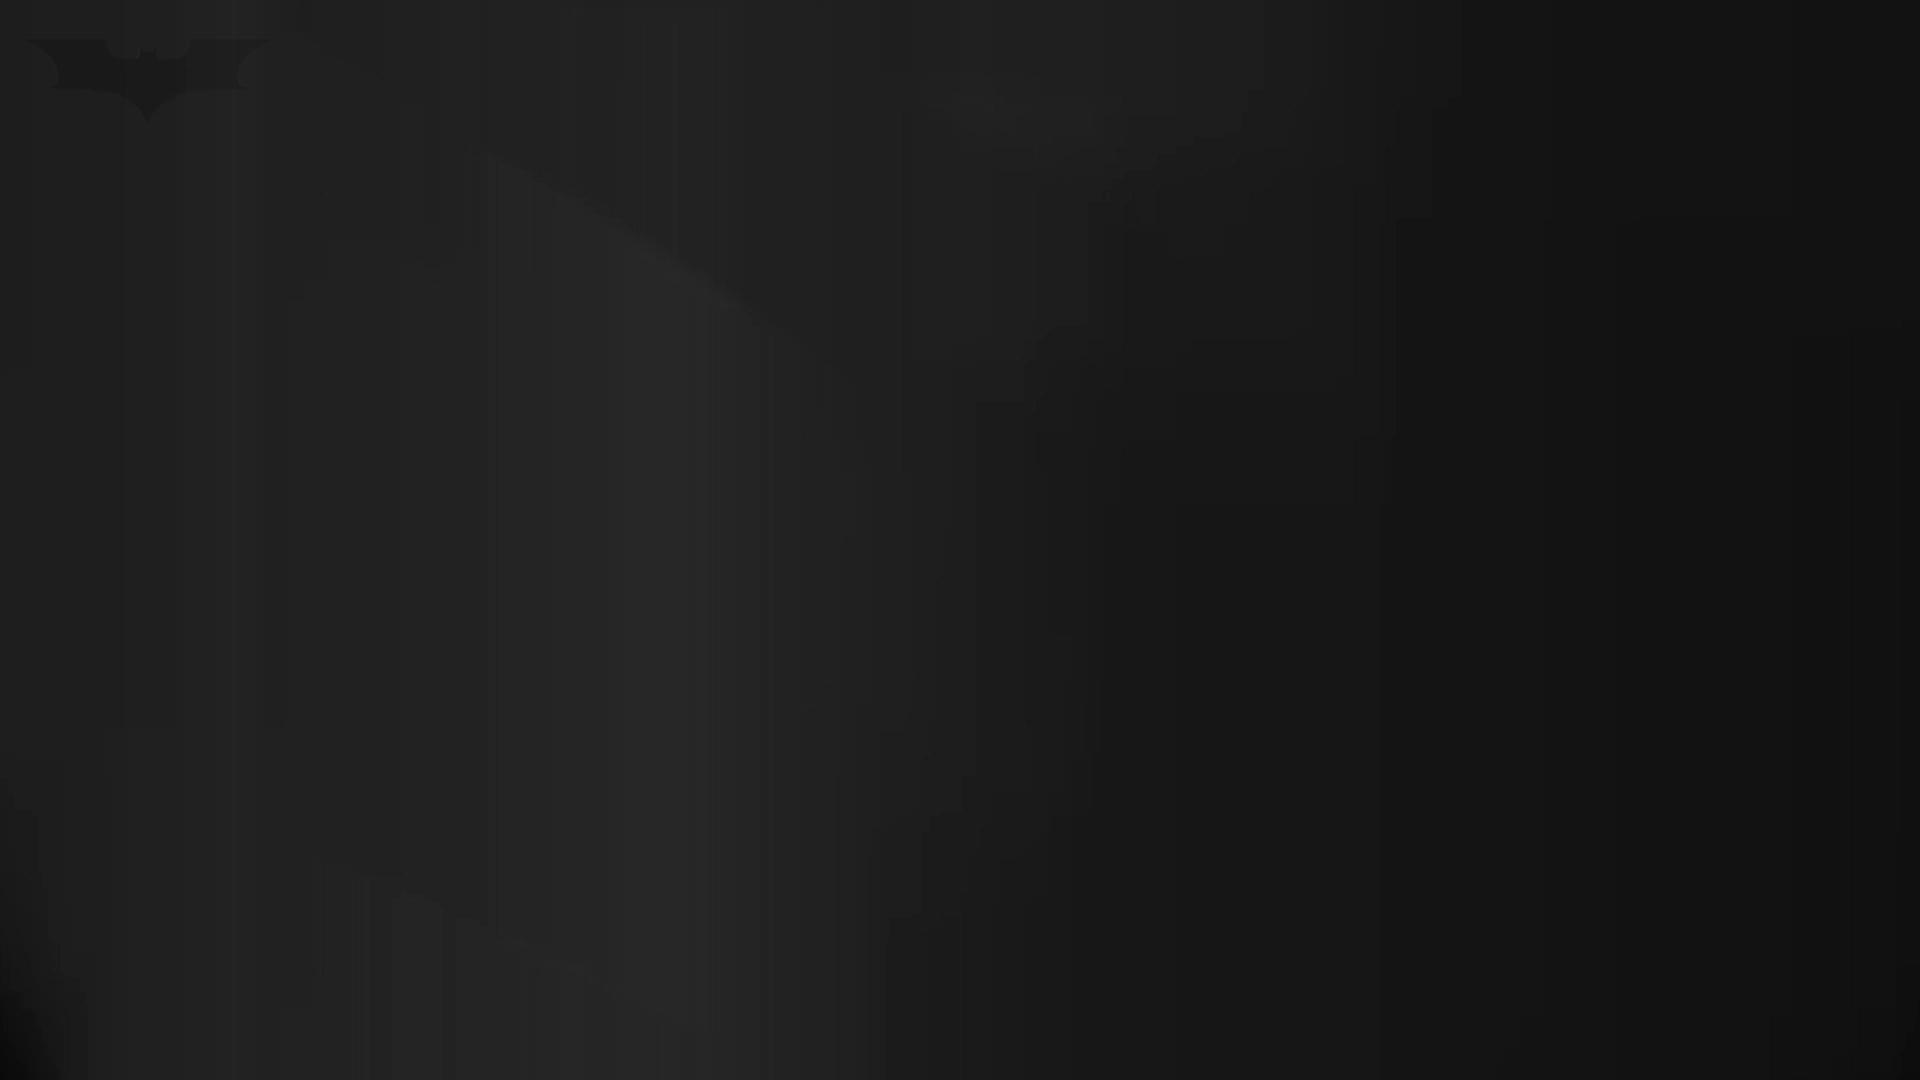 洗面所特攻隊 vol.74 last 2総勢16名激撮【2015・29位】 洗面所着替え | OL  37連発 27